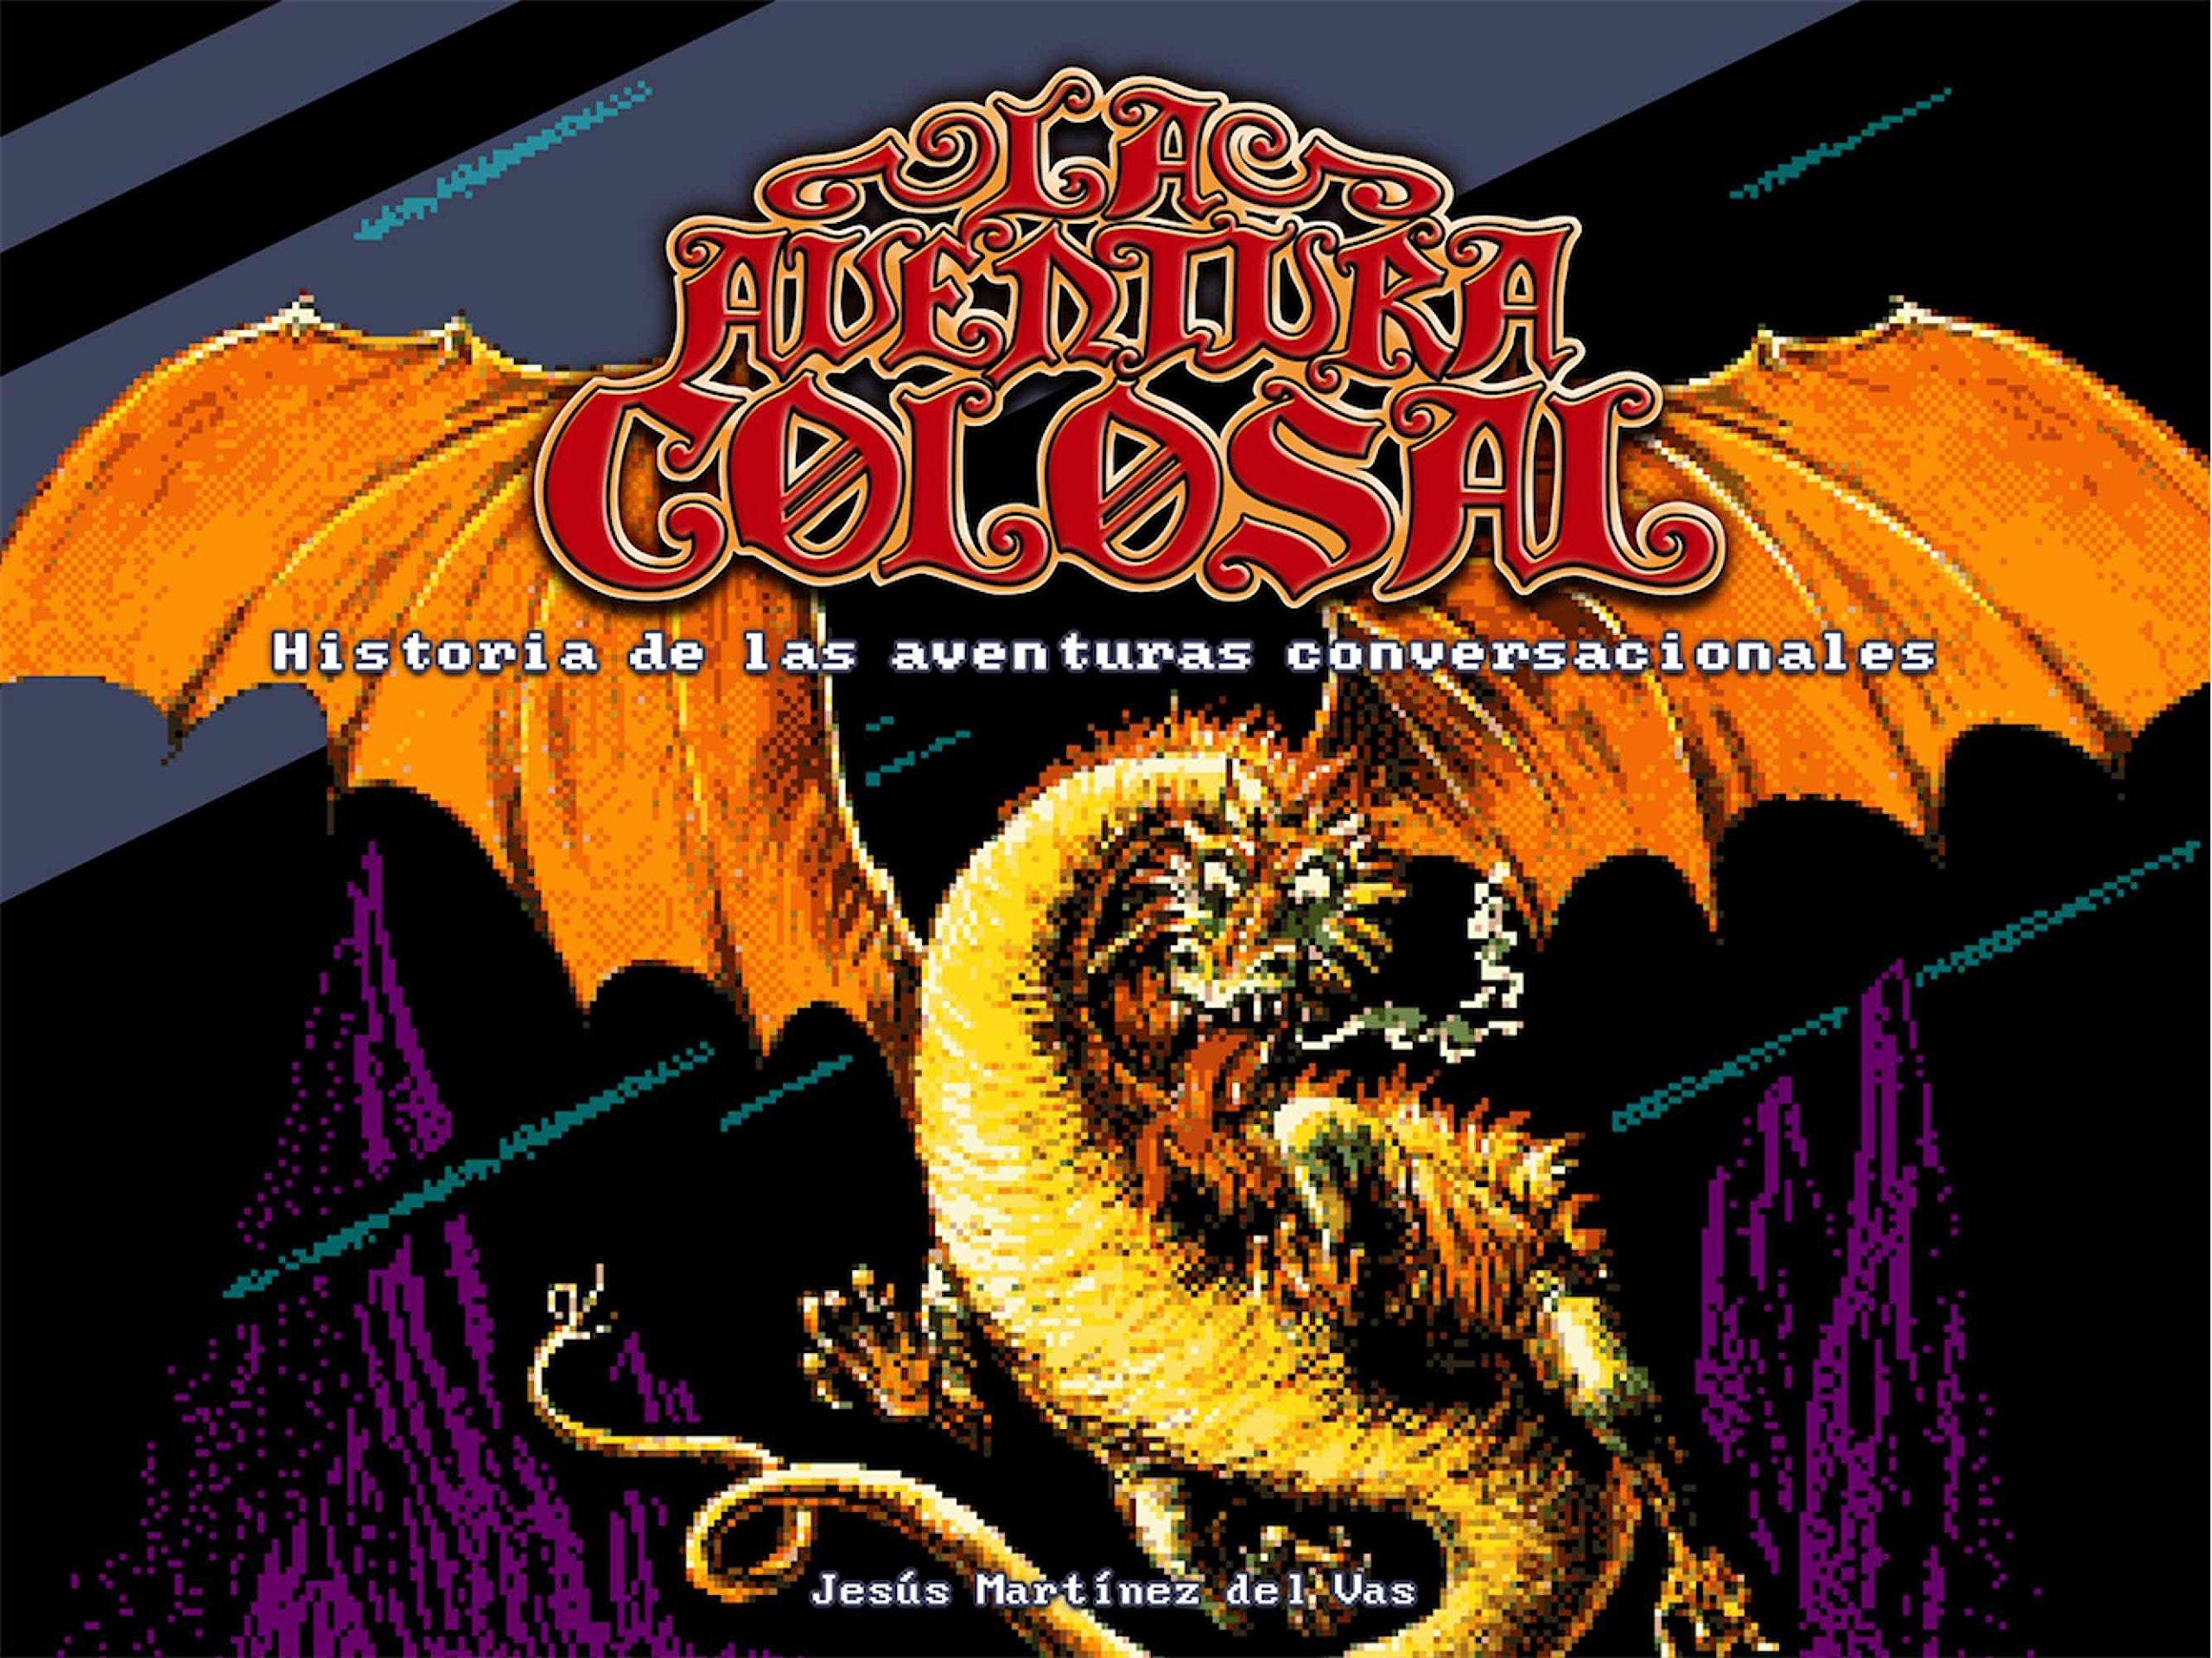 Portada libro - La aventura colosal: Historia de las aventuras conversacionales